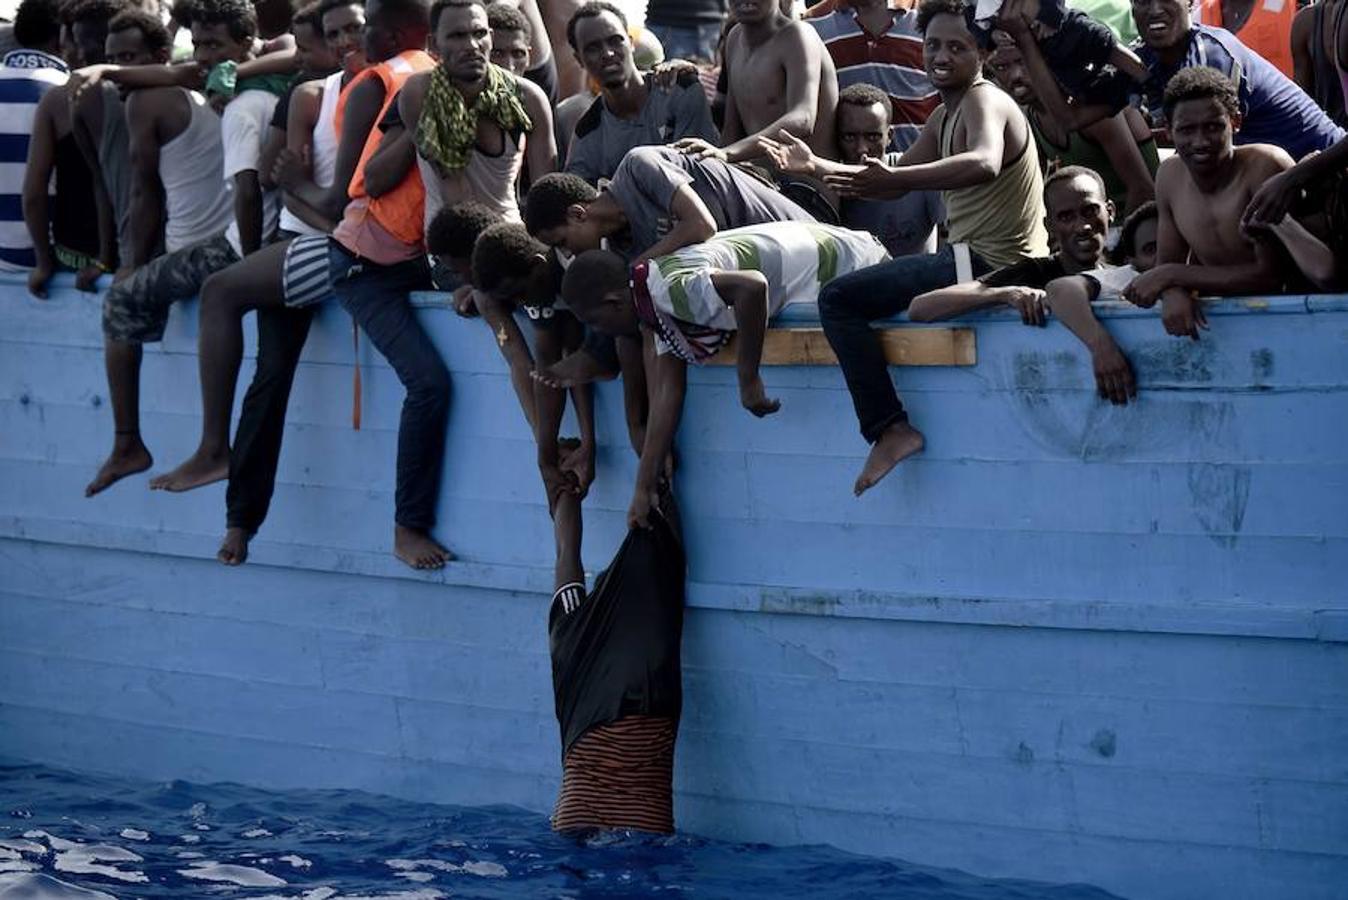 Más de 1.800 personas han sido rescatadas en los últimos días en la costa Libia. Esta imagen está tomada a doce millas de ella